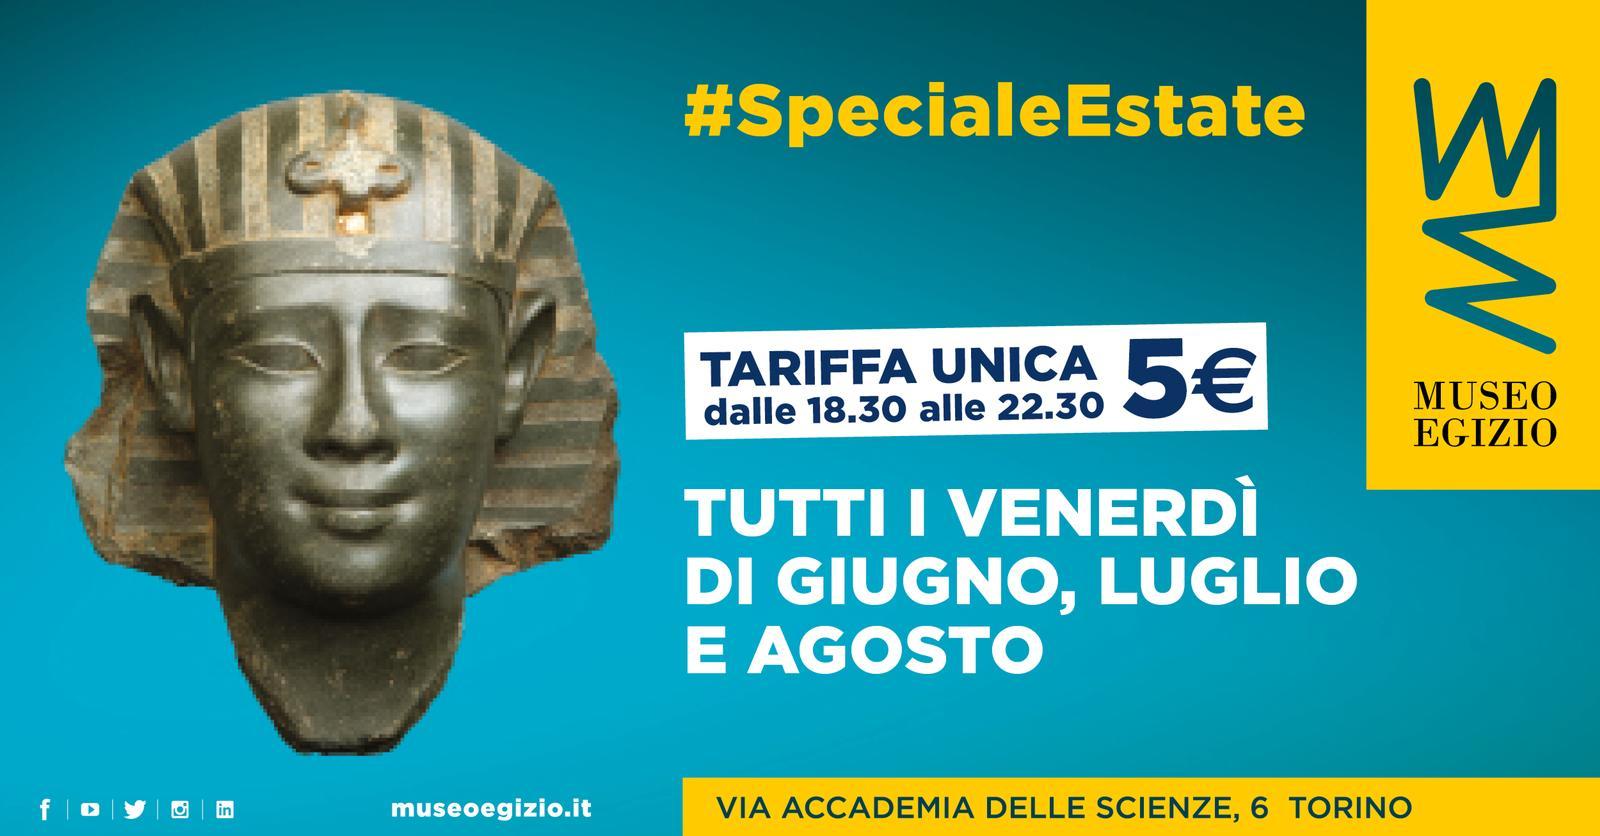 Museo Egizio - Speciale Estate